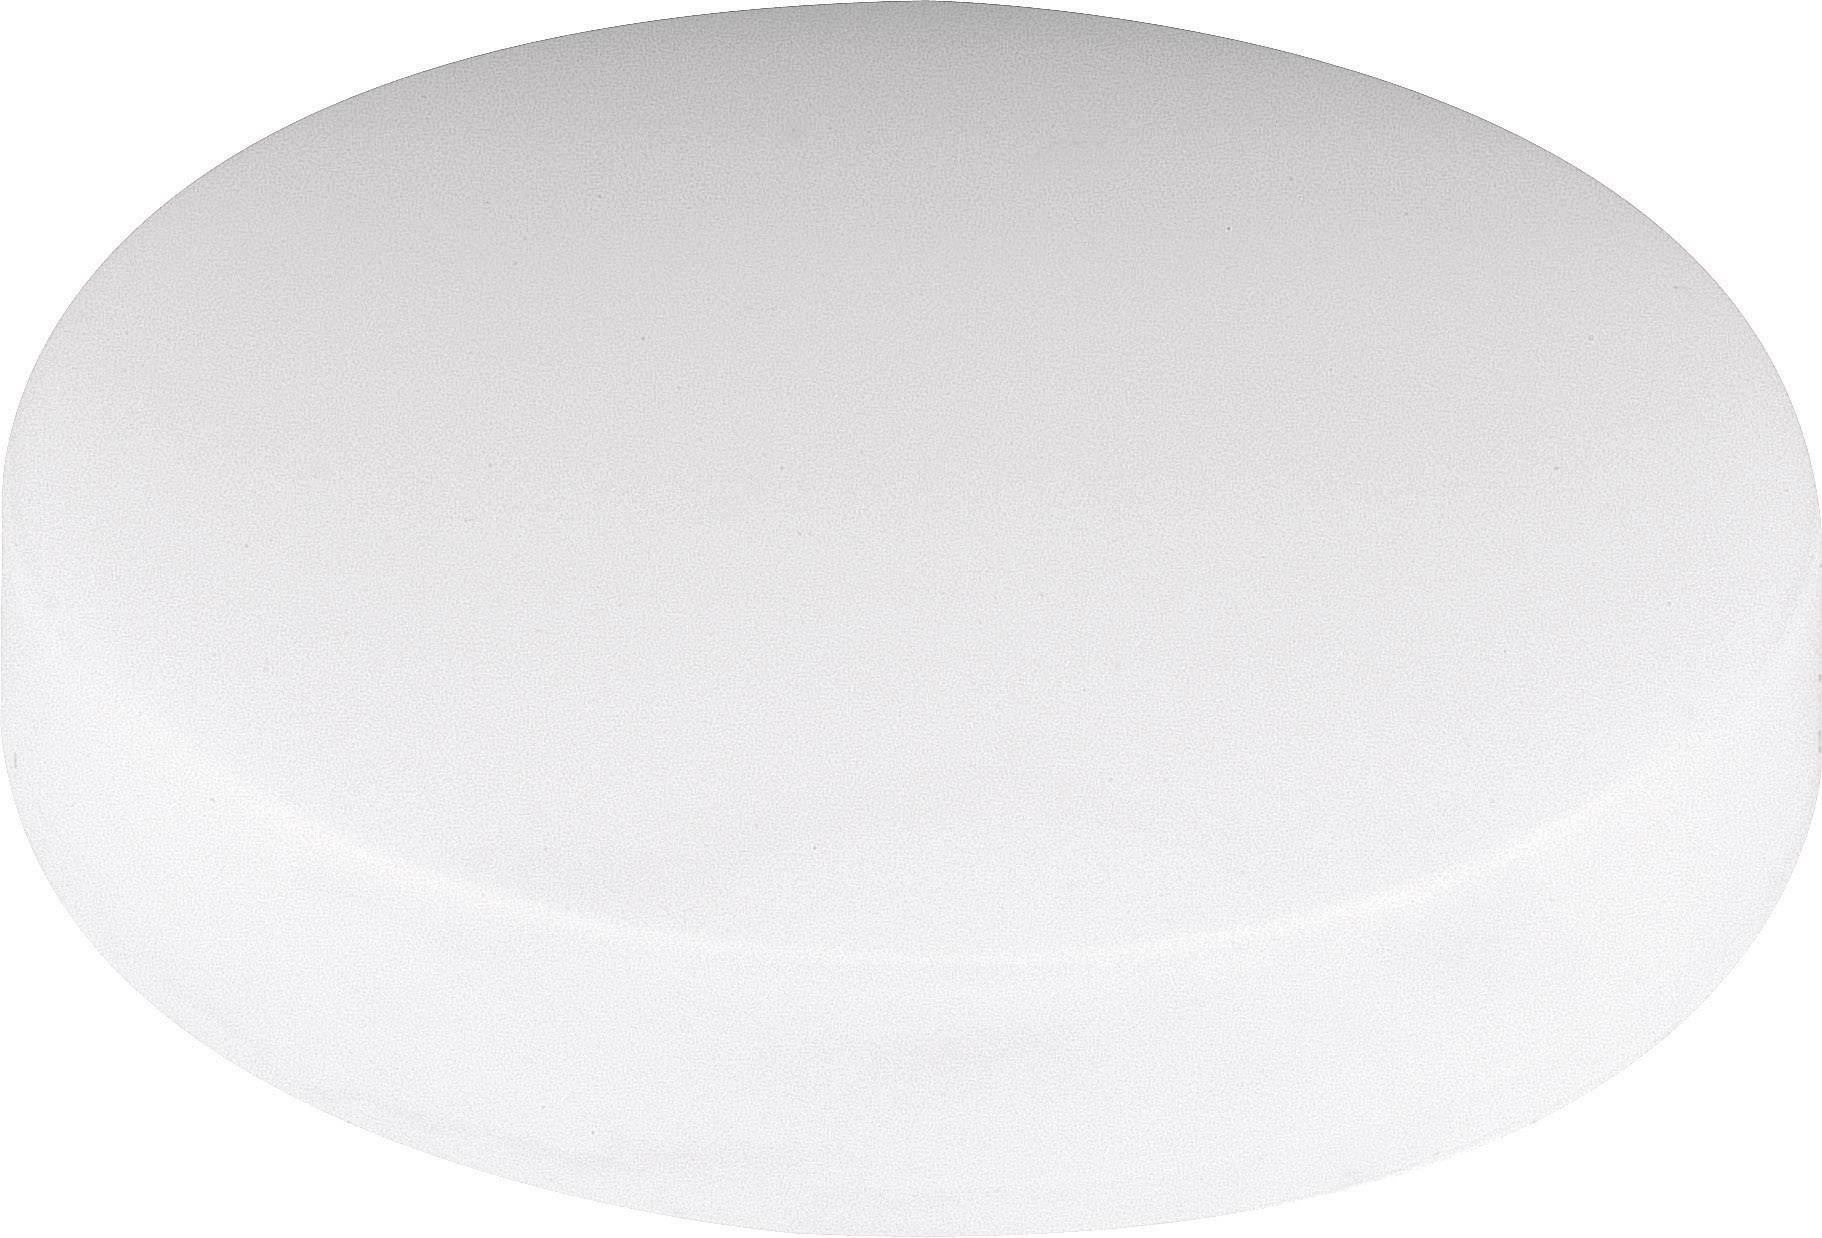 Světelná krytka pro reflektor Mentor, 2451.0800, 18 mm, (Ø x v) 19.1 mm x 3 mm, zelená